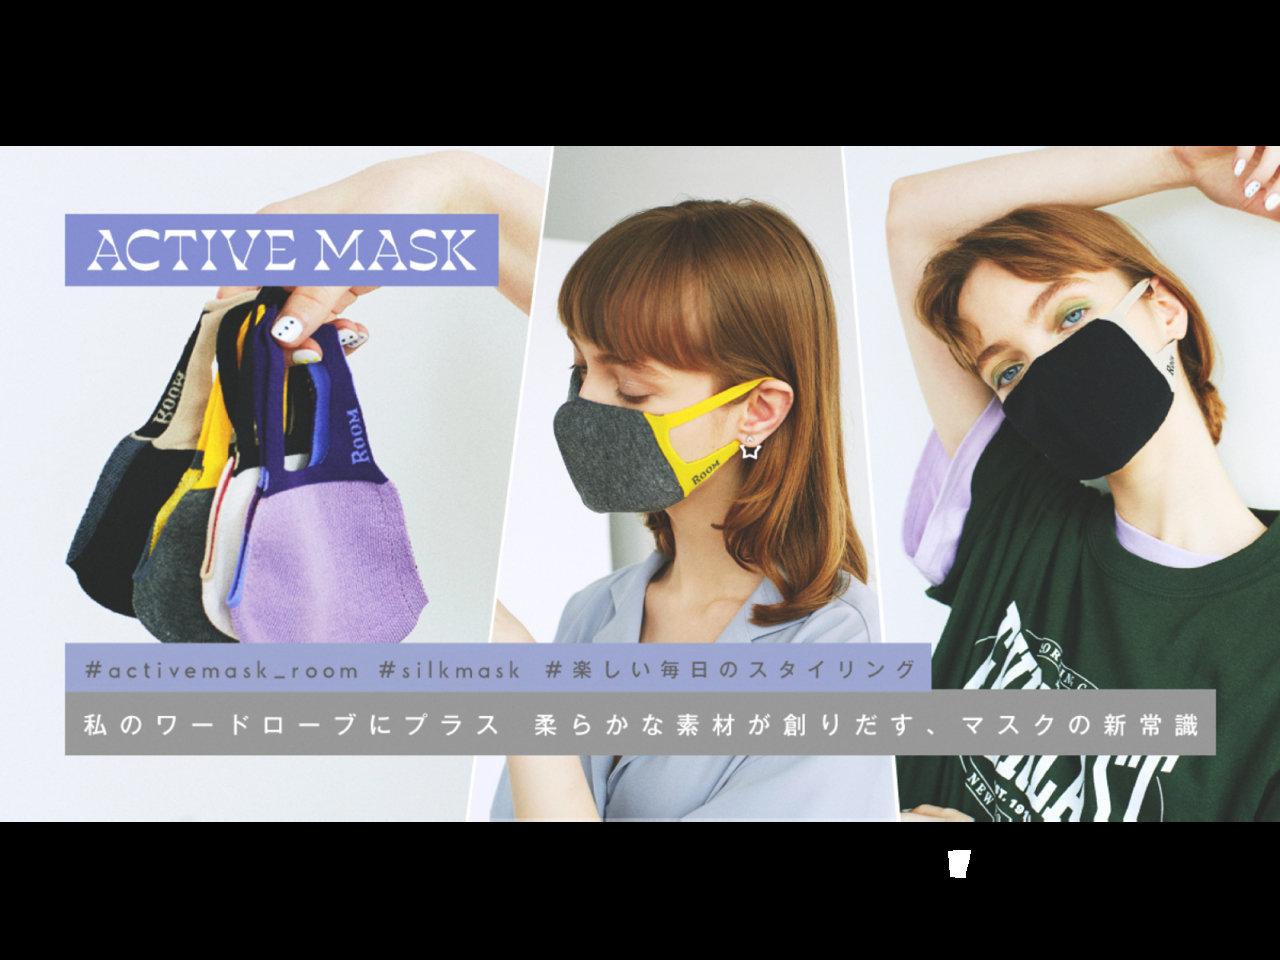 マスク着用時のストレス軽減を実現した、洗えるシルクマスク『ACTIVE